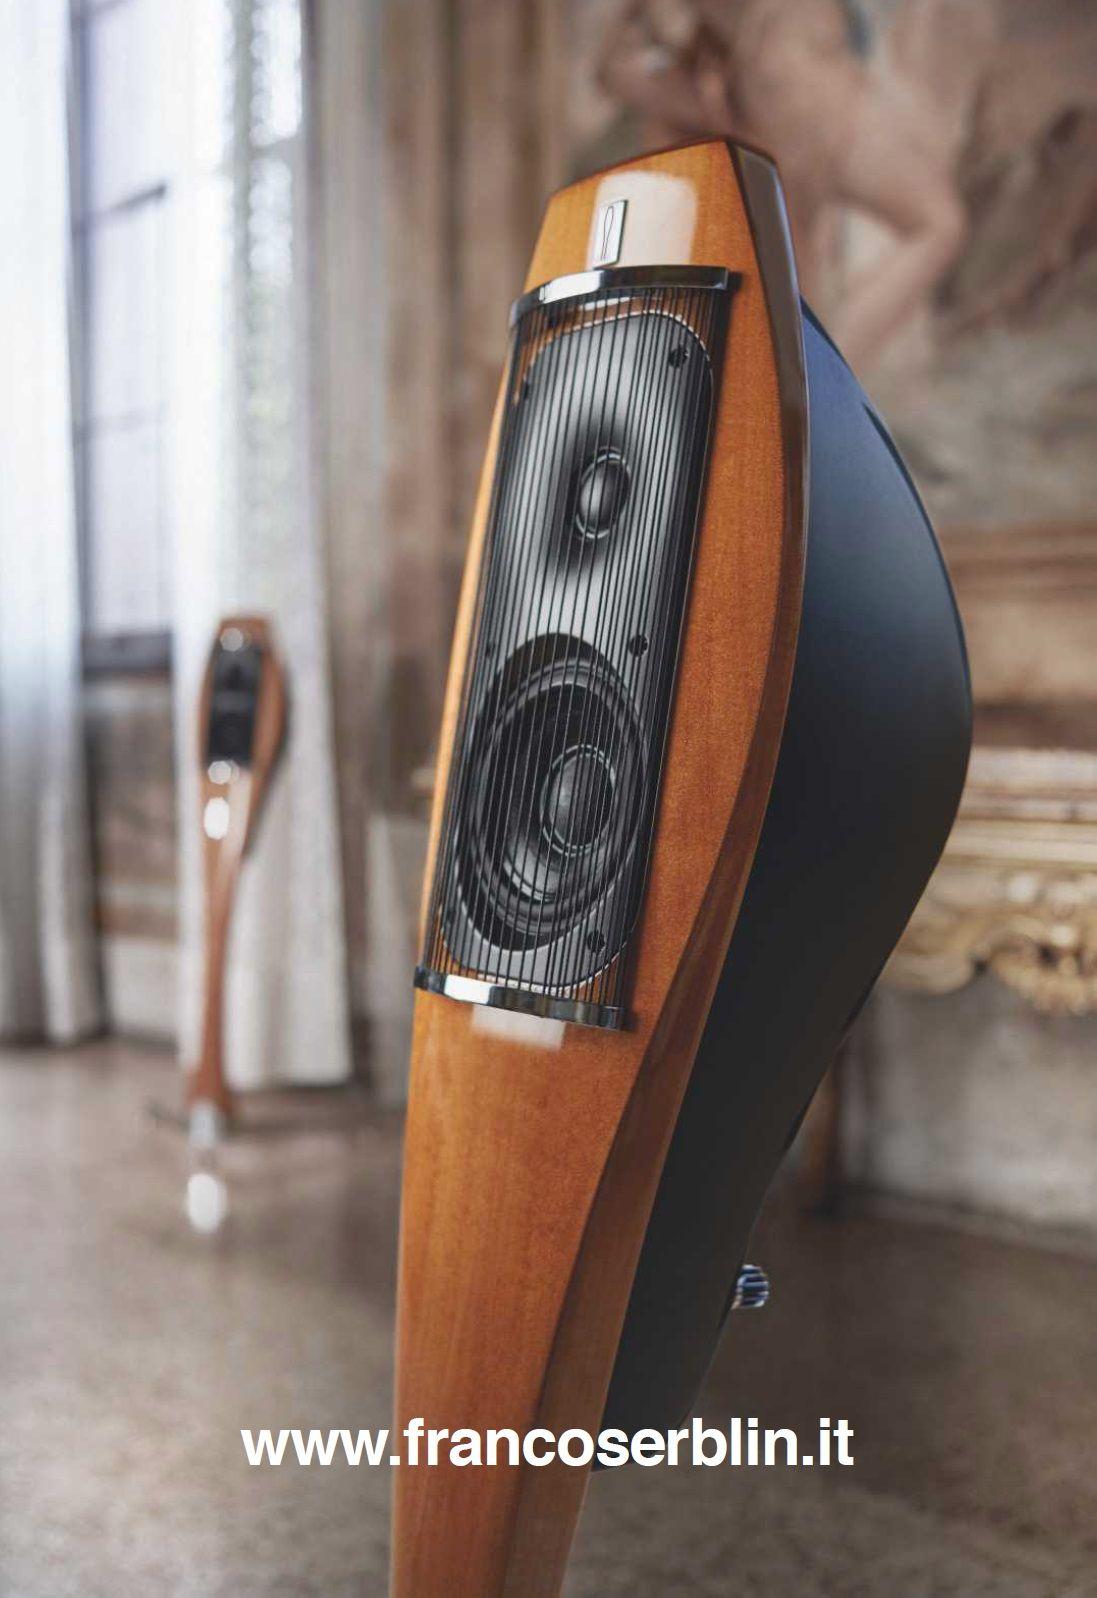 Cajas Acústicas, diseño de Franco Serblin